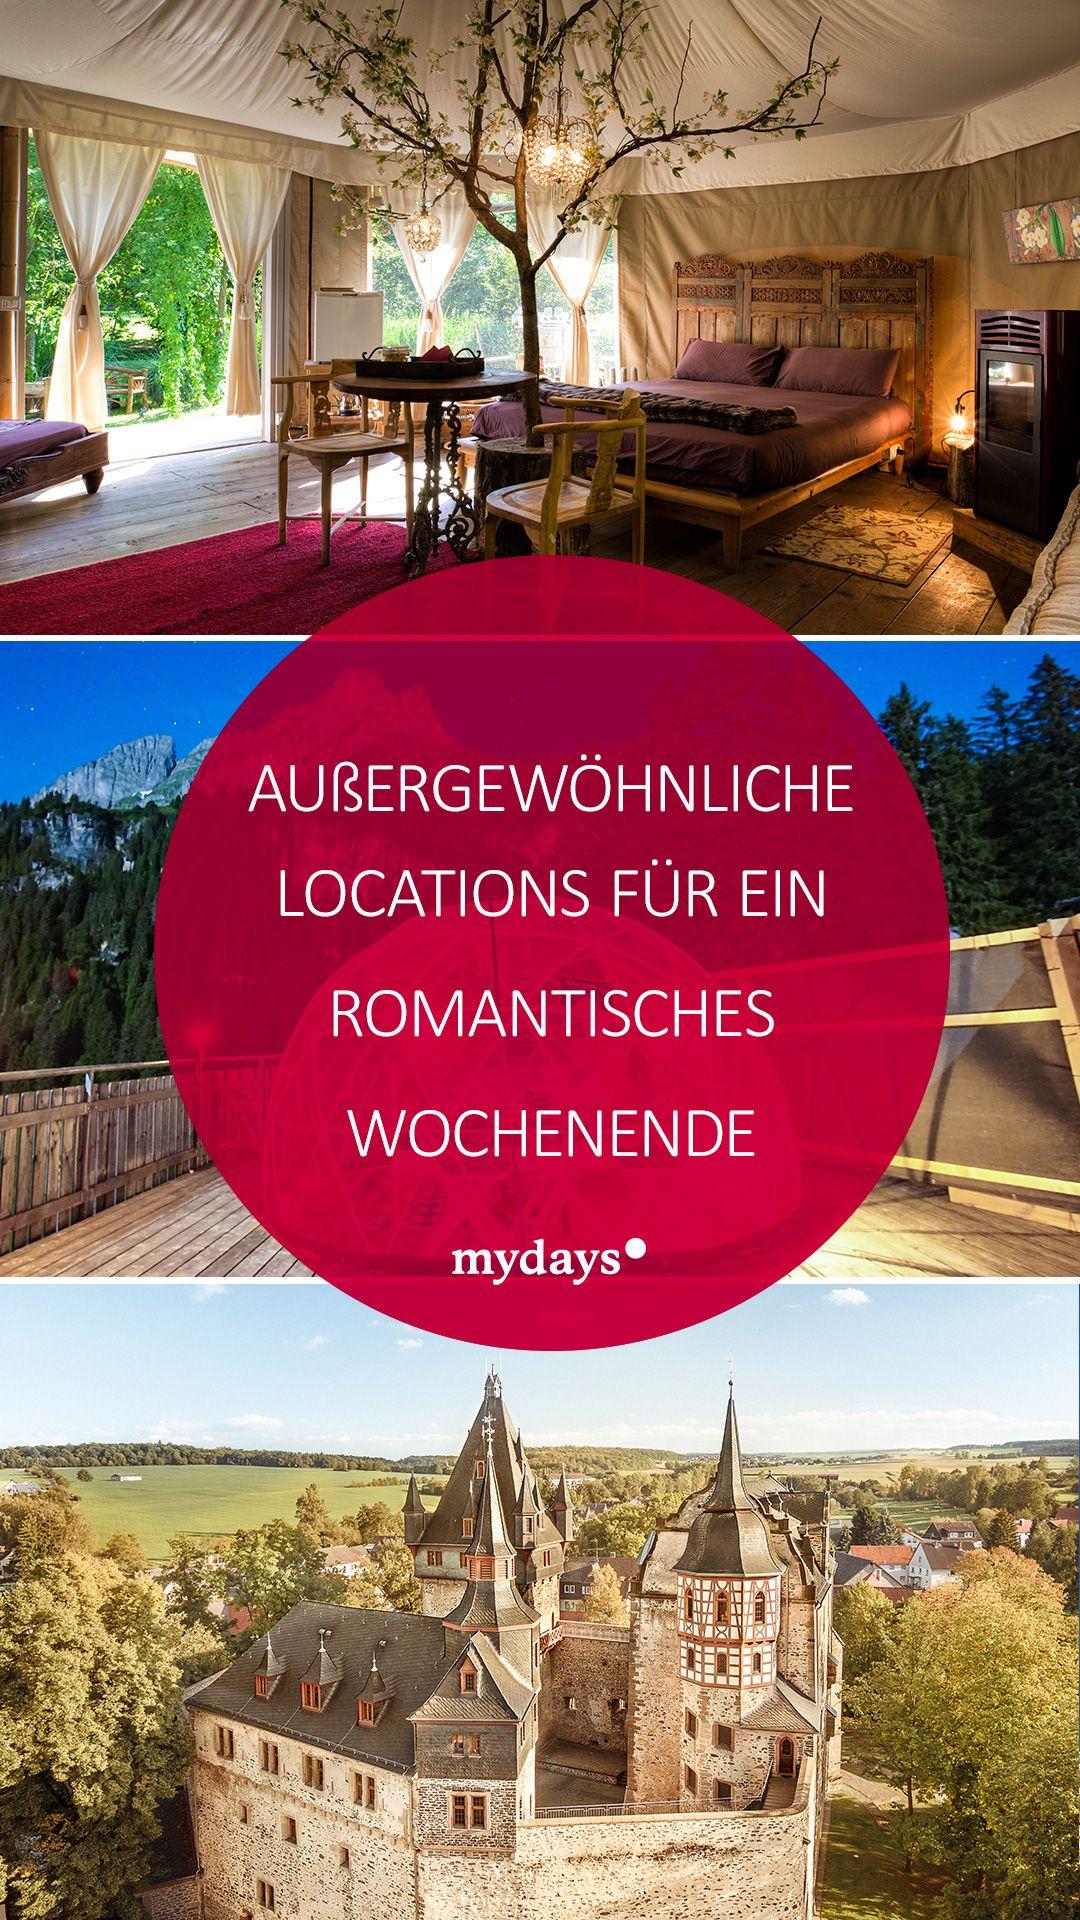 Romantikwochenende 6 Aussergewohnliche Locations Mydays Magazin Romantischer Kurzurlaub Aussergewohnliche Hotels Hotel Deutschland